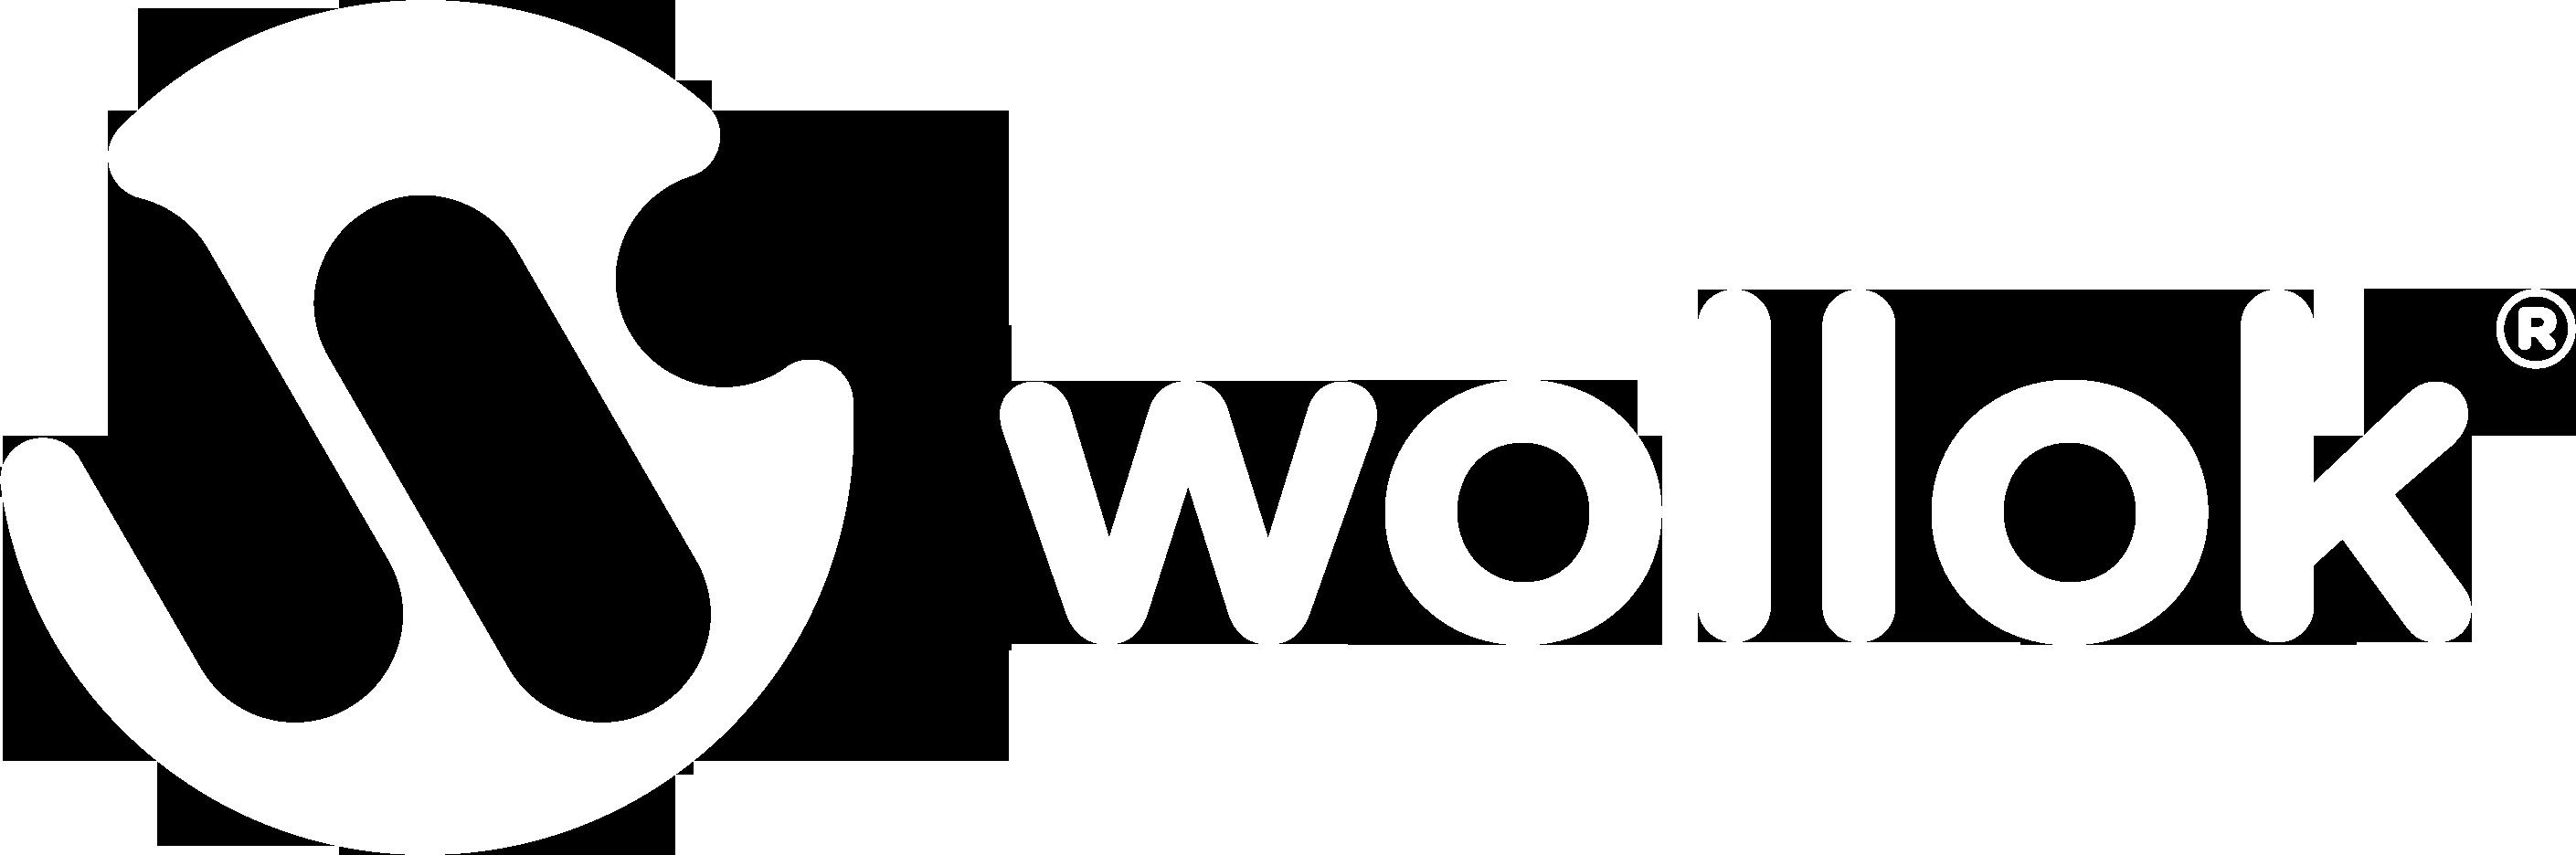 Wolloklogo